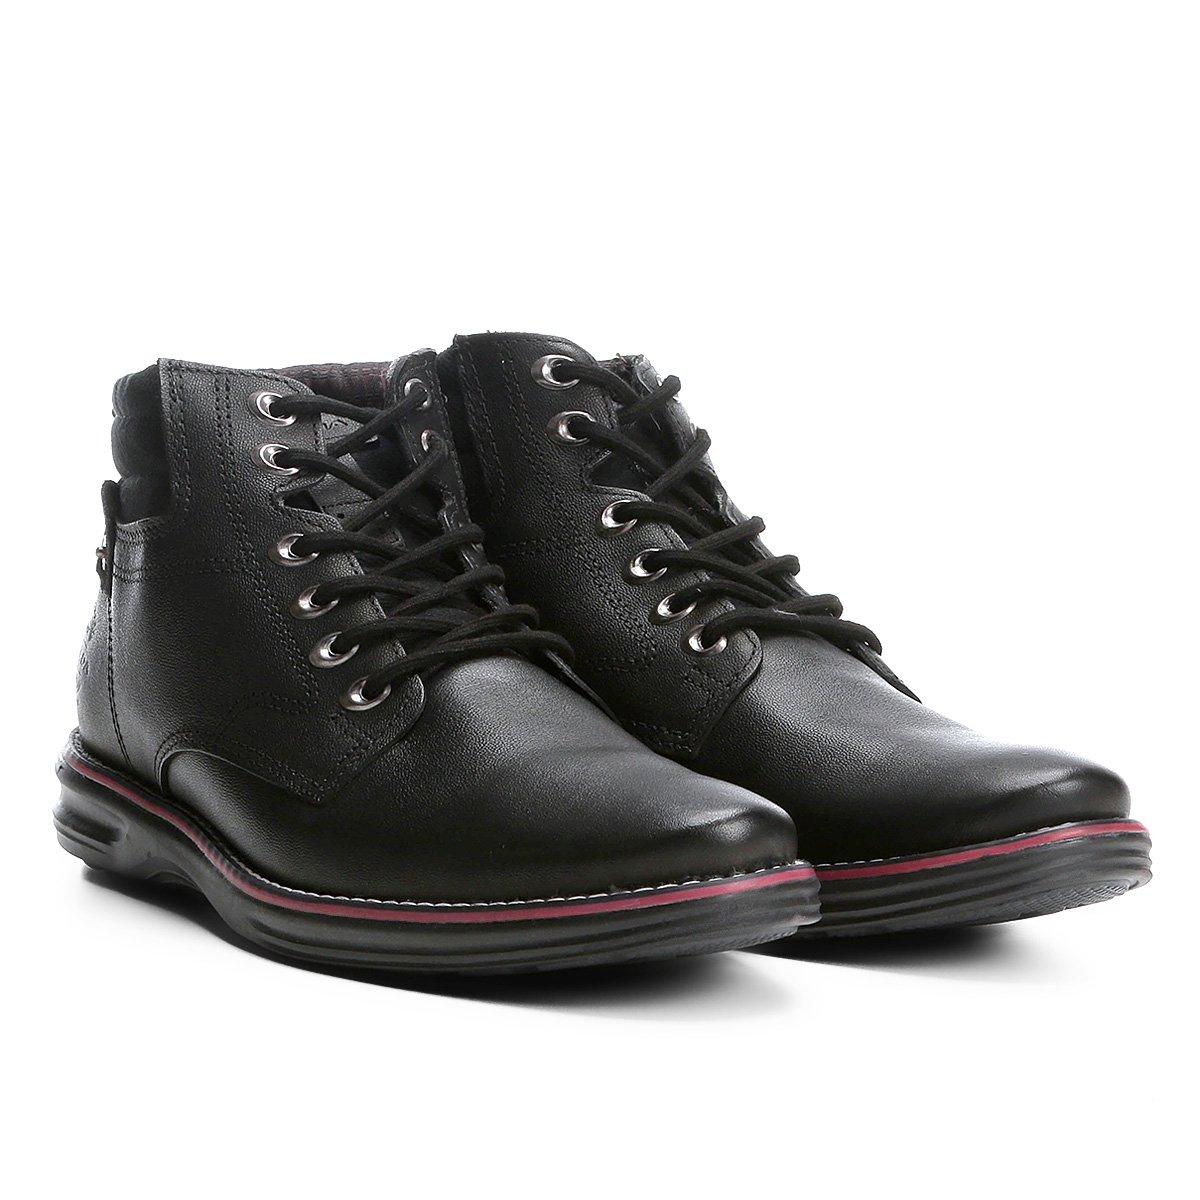 7ce9301cd5 Menor preço em Sapato Social Couro Pegada Masculino - Preto